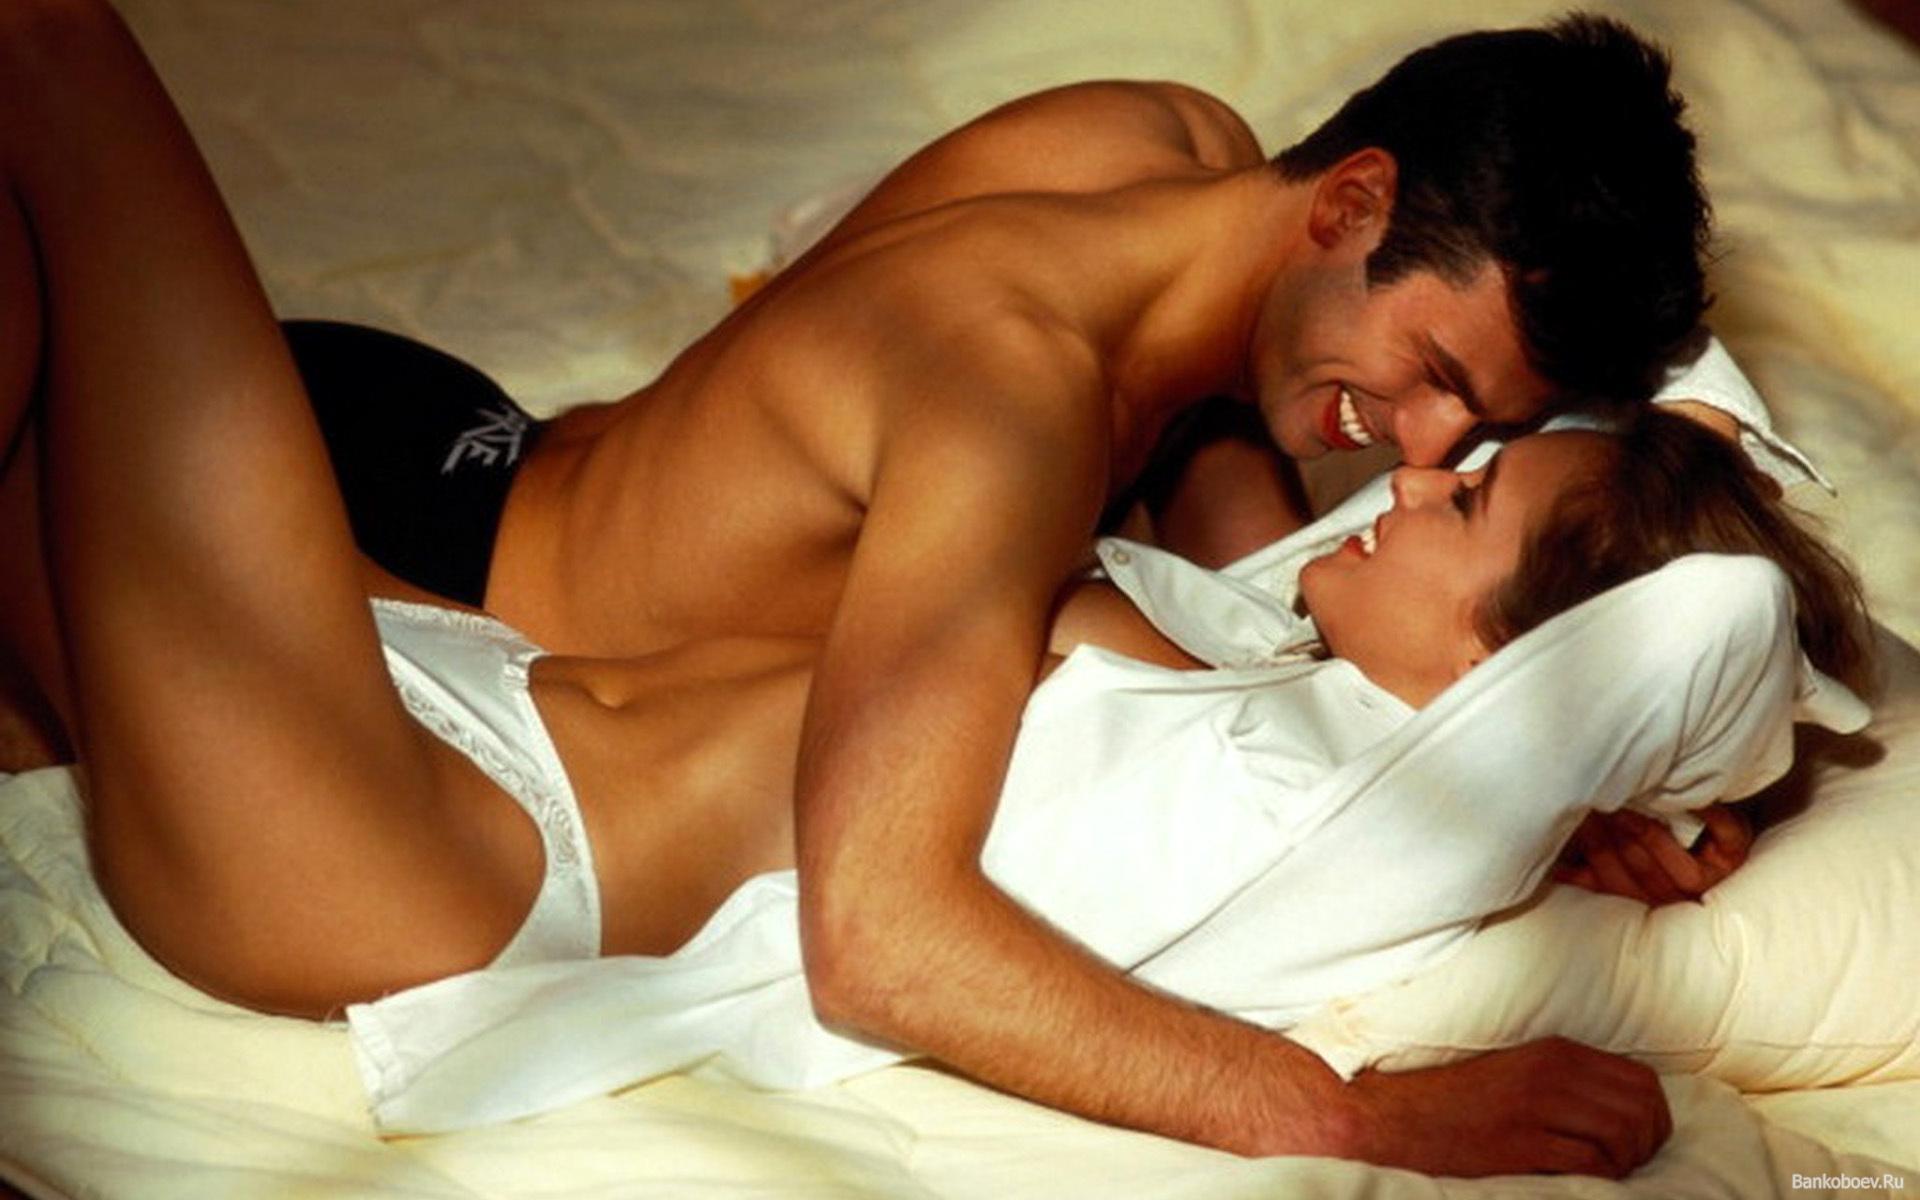 Разговоры во время секса на русском языке 1 фотография